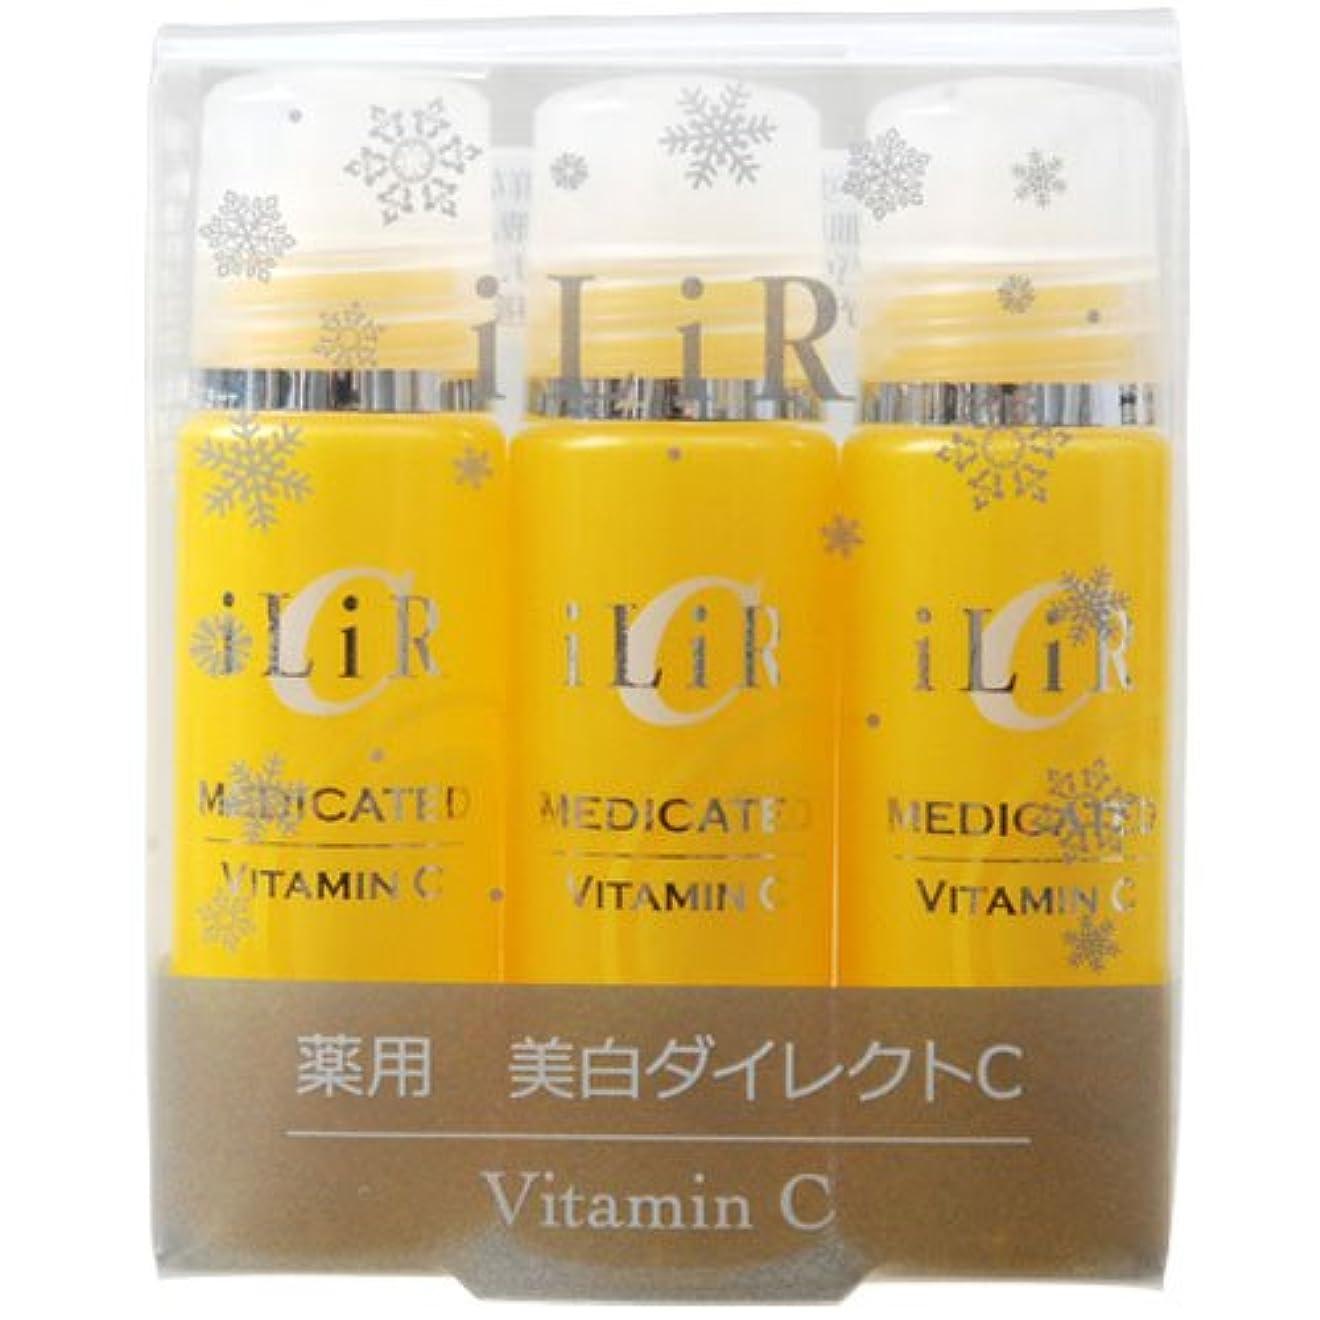 高める気づく娘iLiR(イリアール)薬用 美白ダイレクトC 15g(5g×3本)